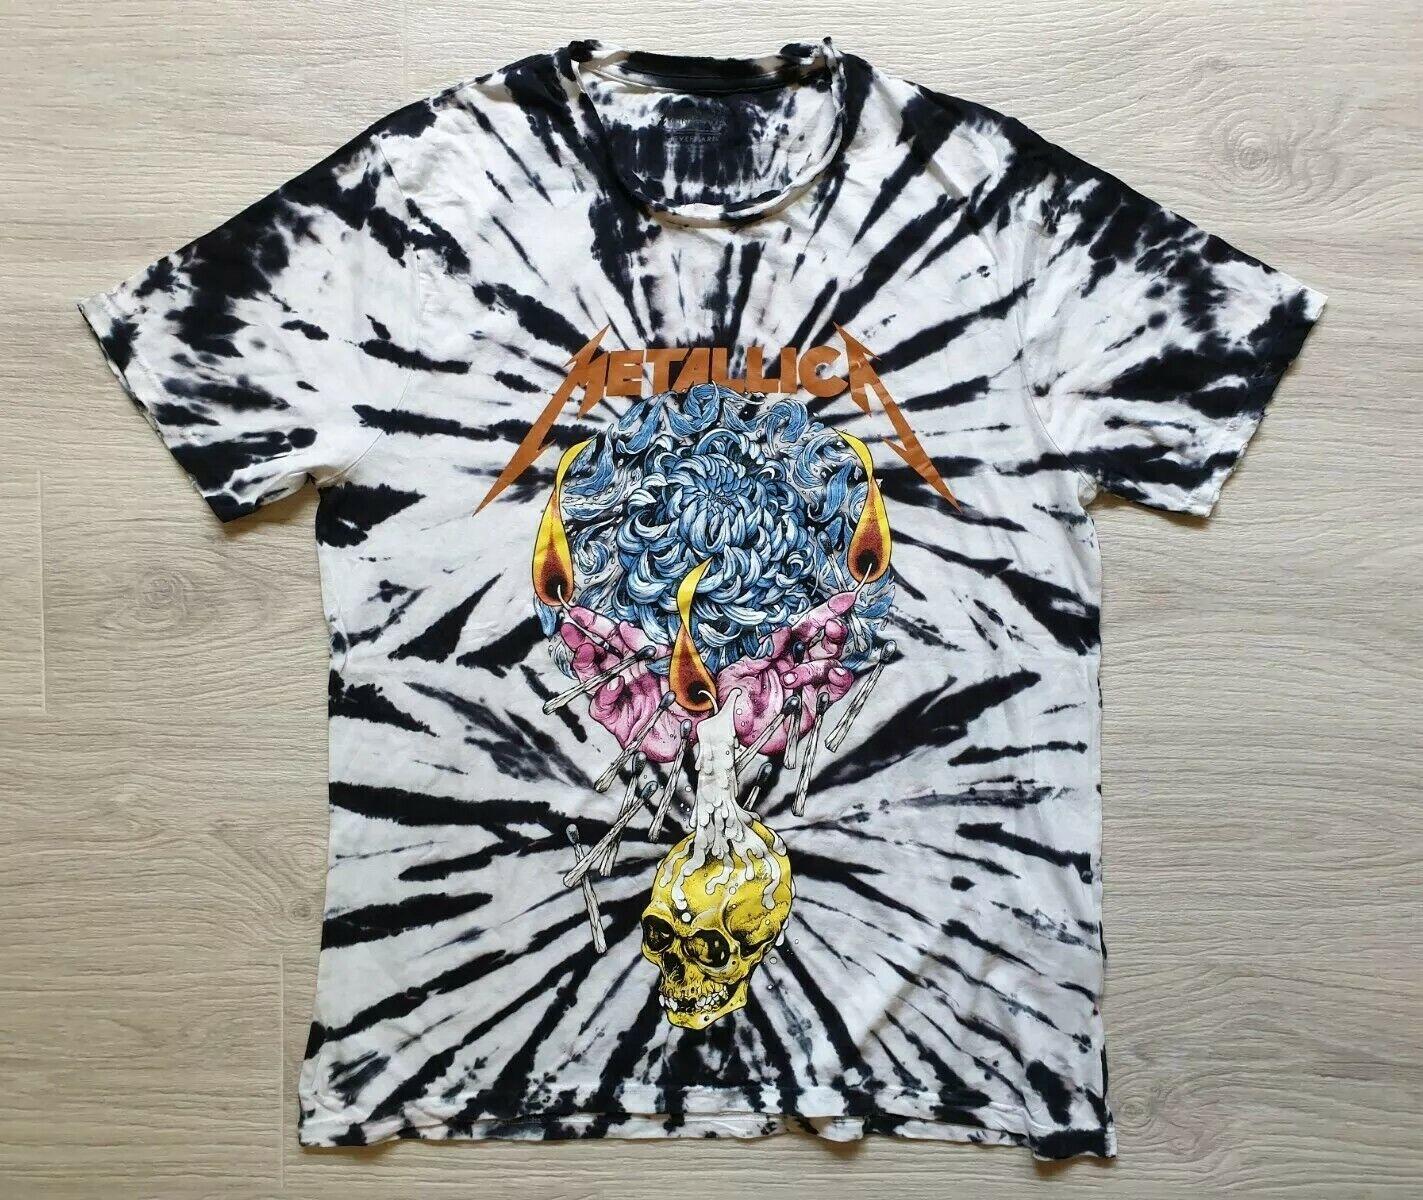 Rare Metallica by request European tour 2016 Größe XL T Shirt Short Sleeve